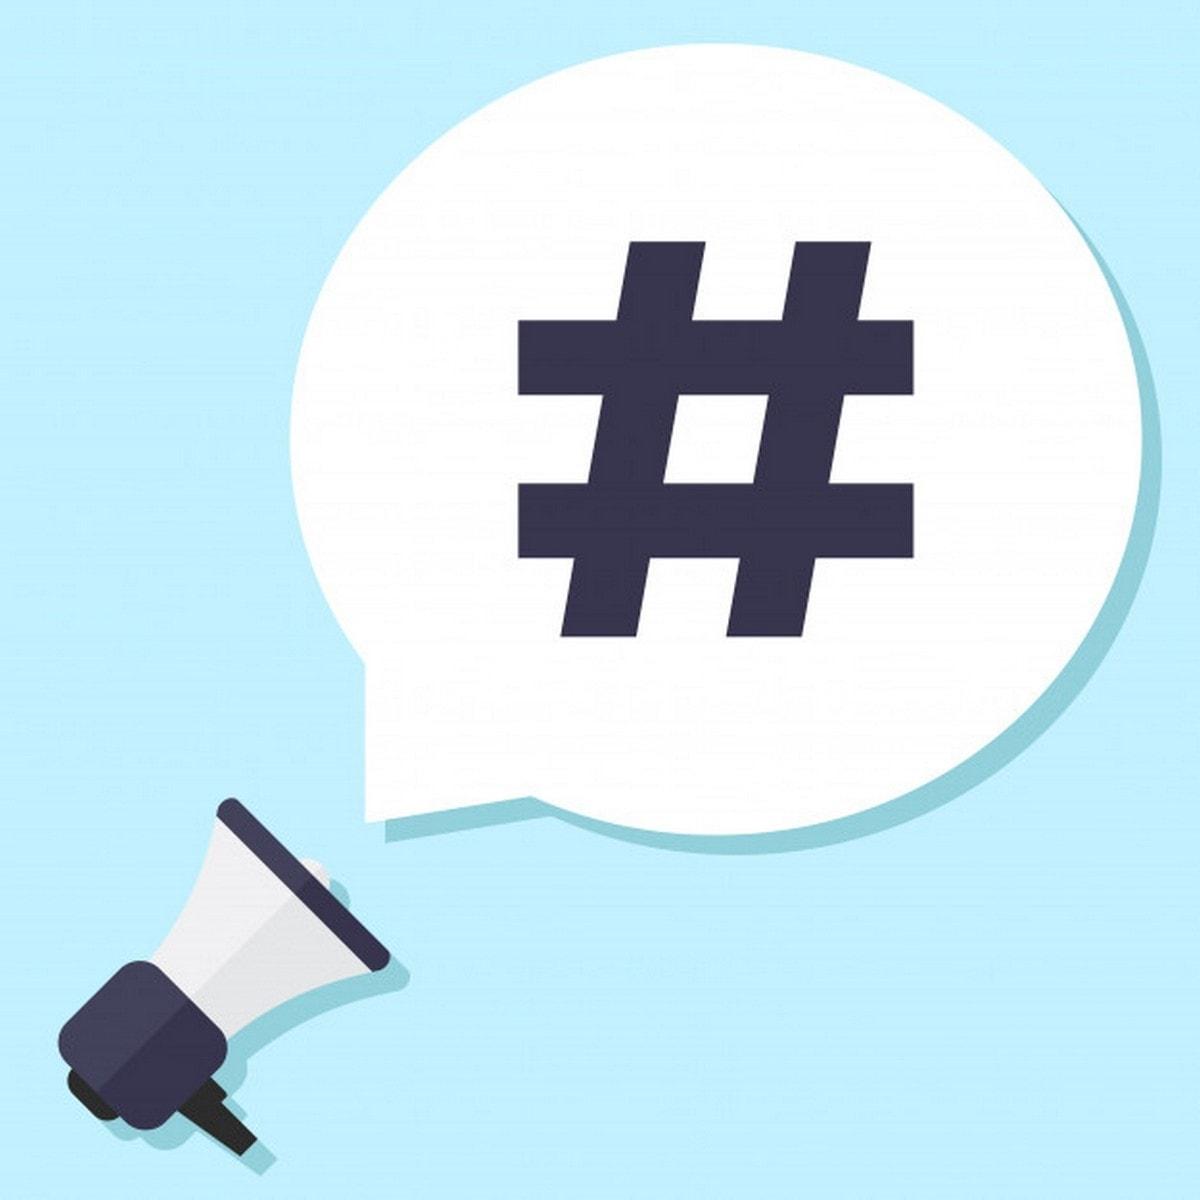 Trending Hashtags - 1